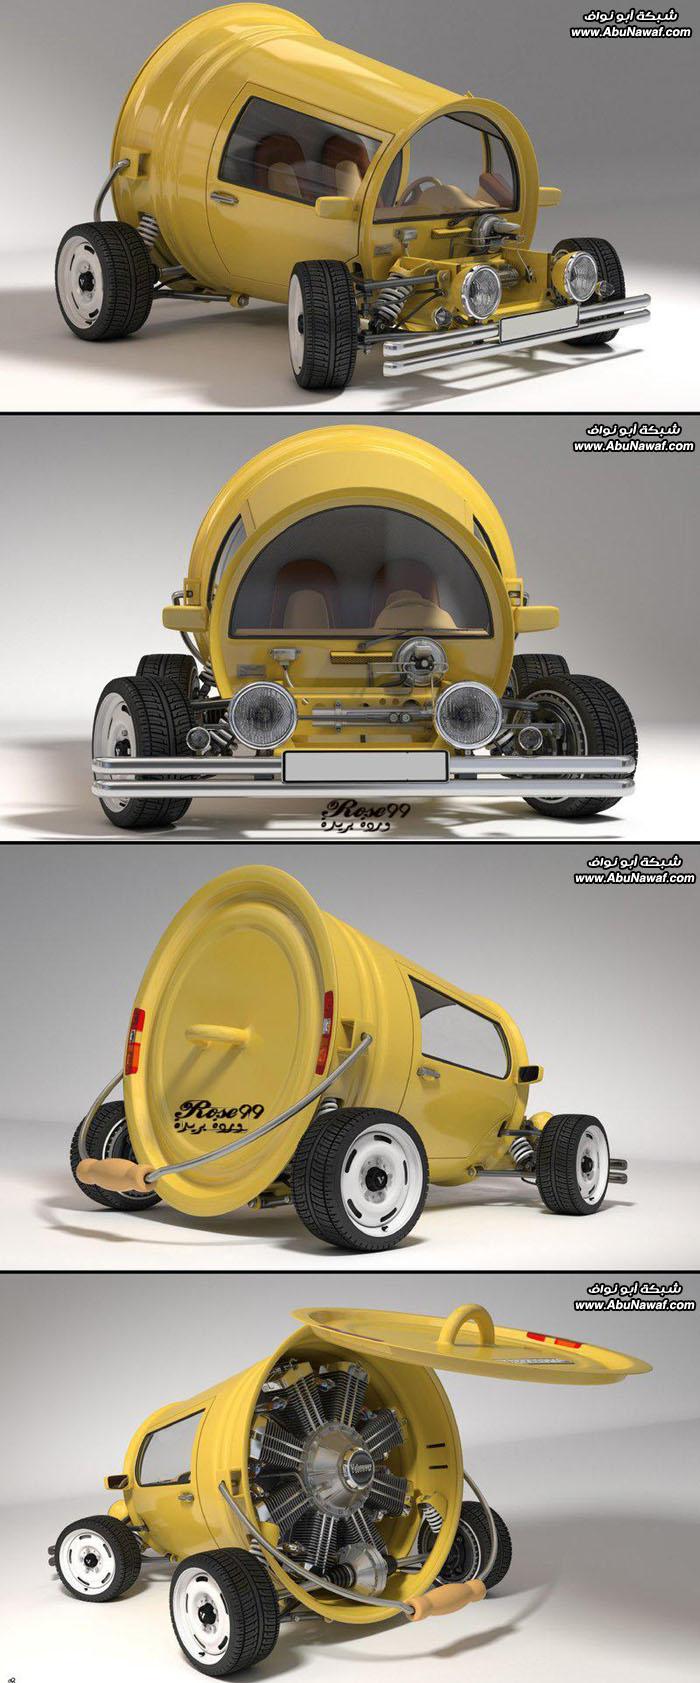 سيارة زبالة    سيارة زبالة سيارة زبالة